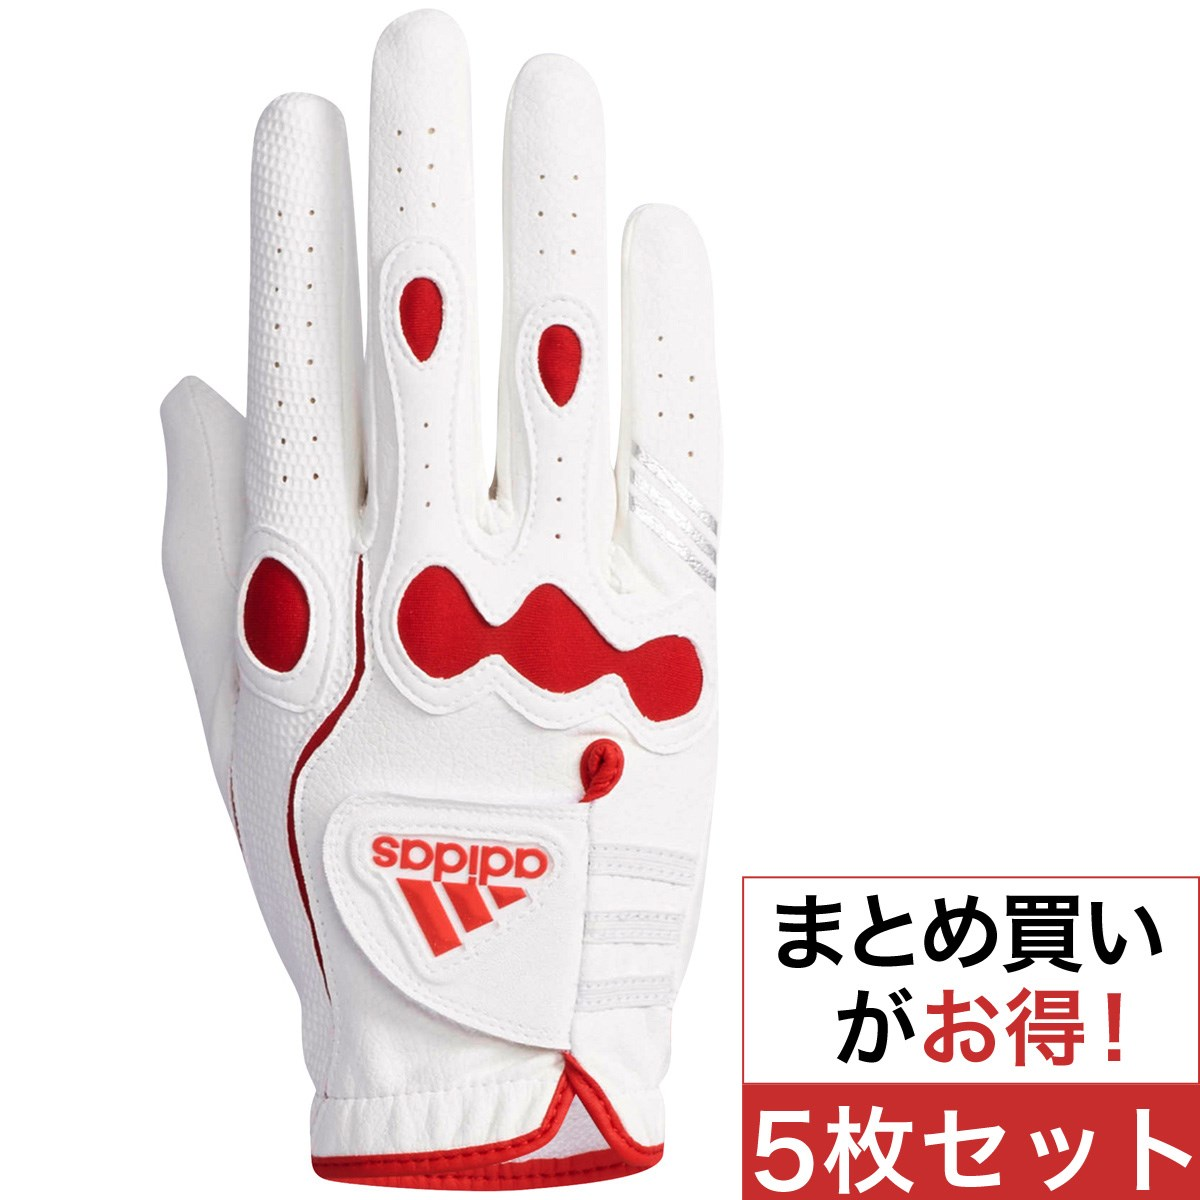 アディダス(adidas) マルチフィット 8 グローブ レフティ 5枚セット